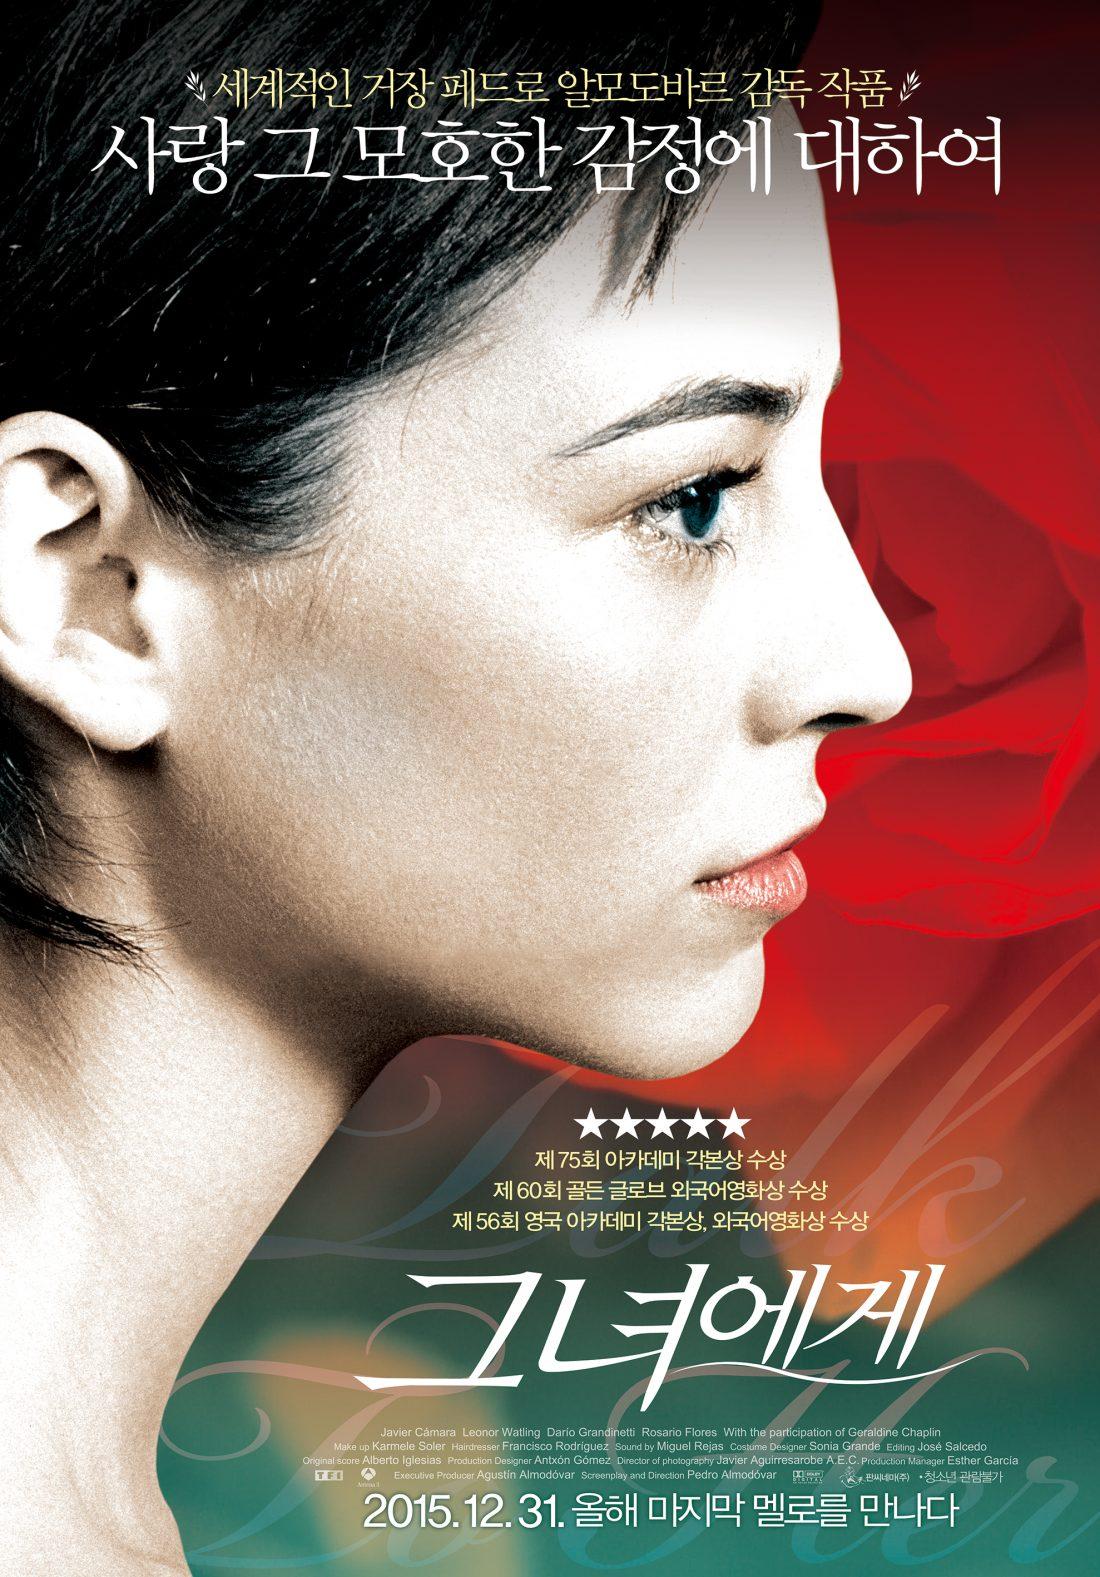 movie_image-7